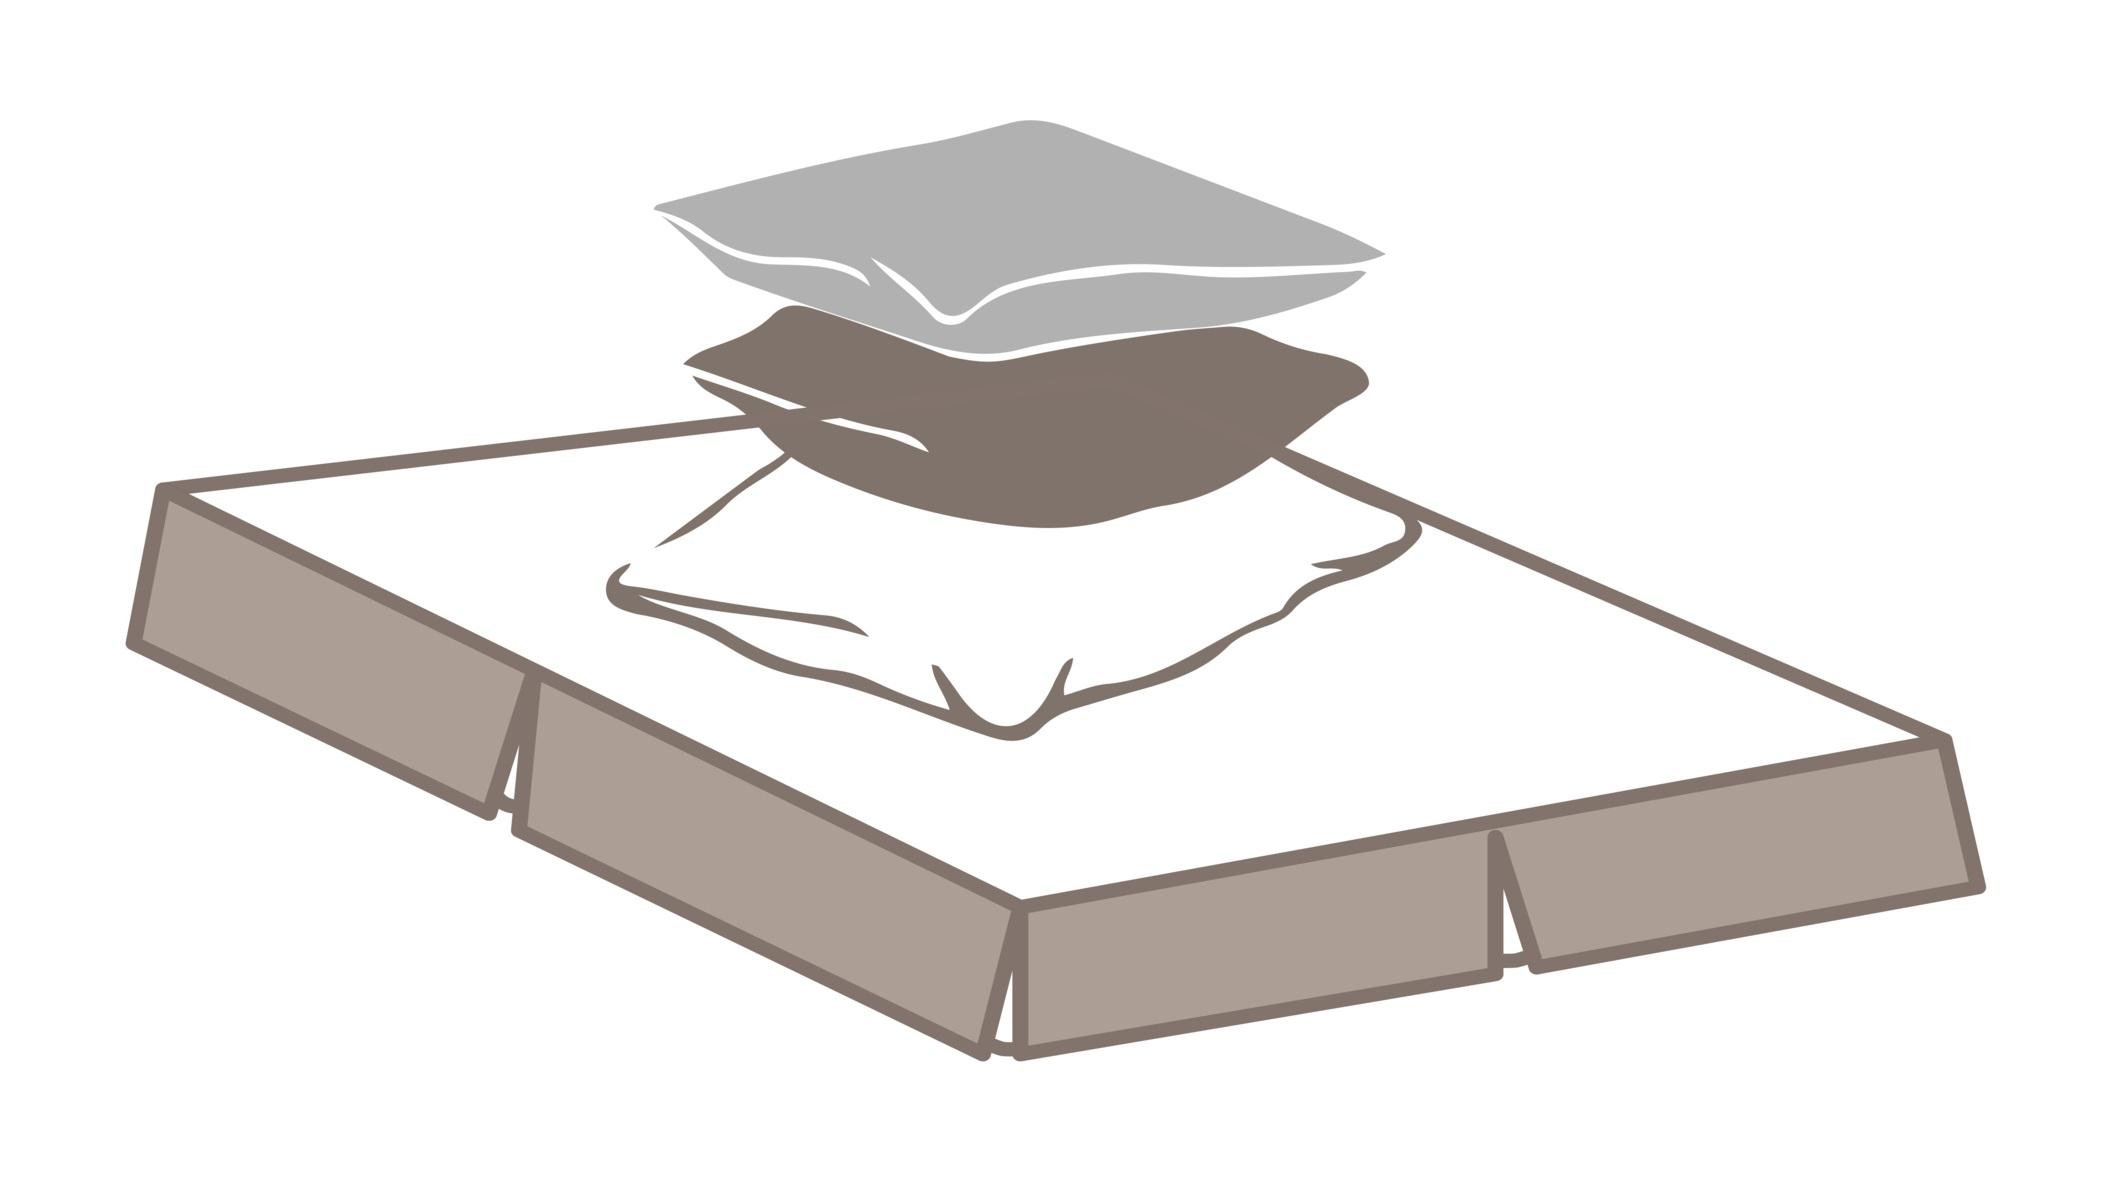 Bedding+Bundle-02.jpg